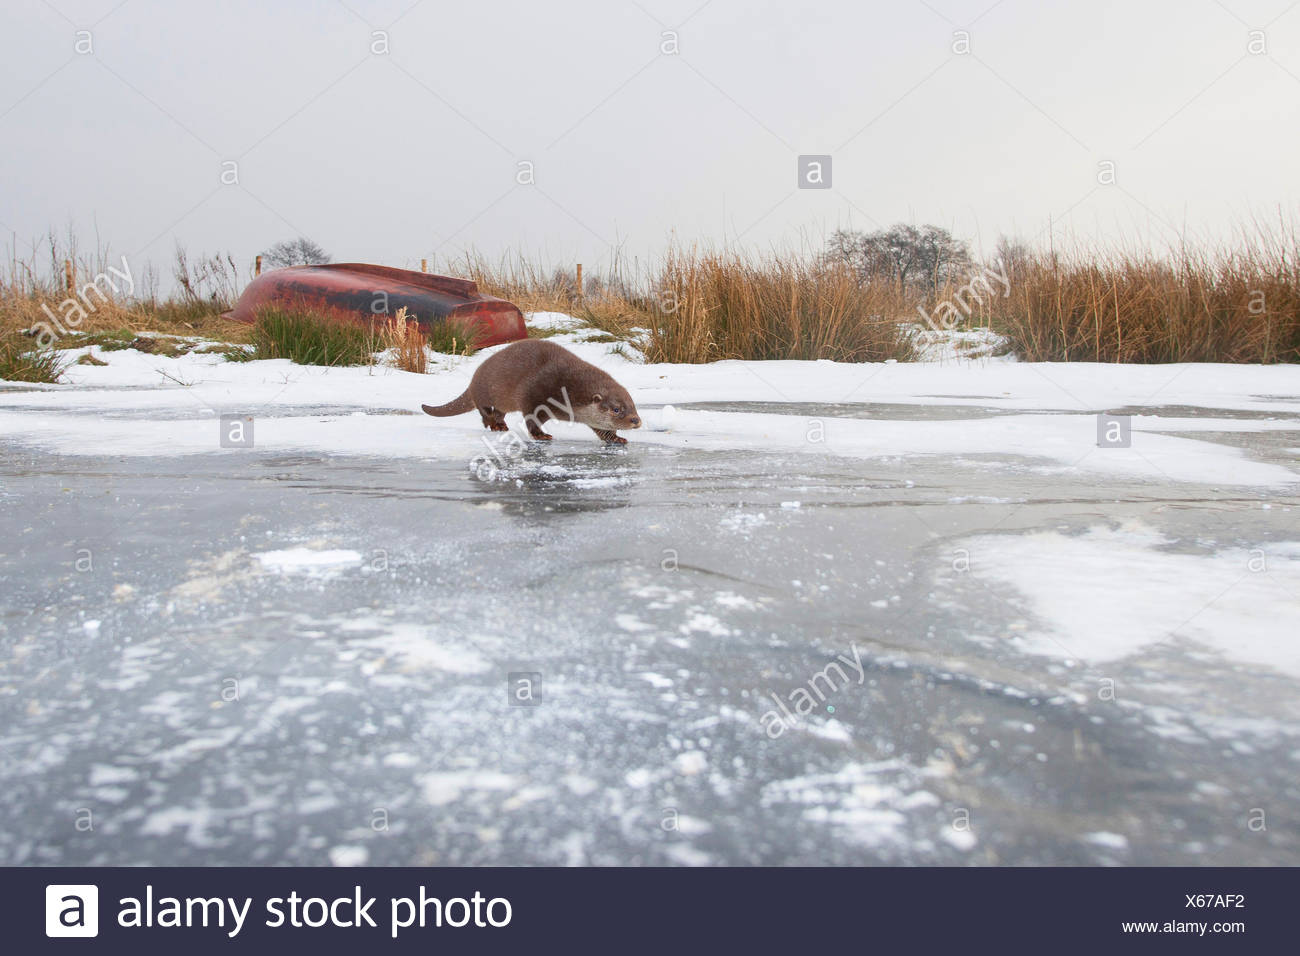 Europäischen Fischotter, europäischer Fischotter, eurasische Fischotter (Lutra Lutra), weibliche im Schnee auf einem gefrorenen bis Eis Blatt, Deutschland Stockbild